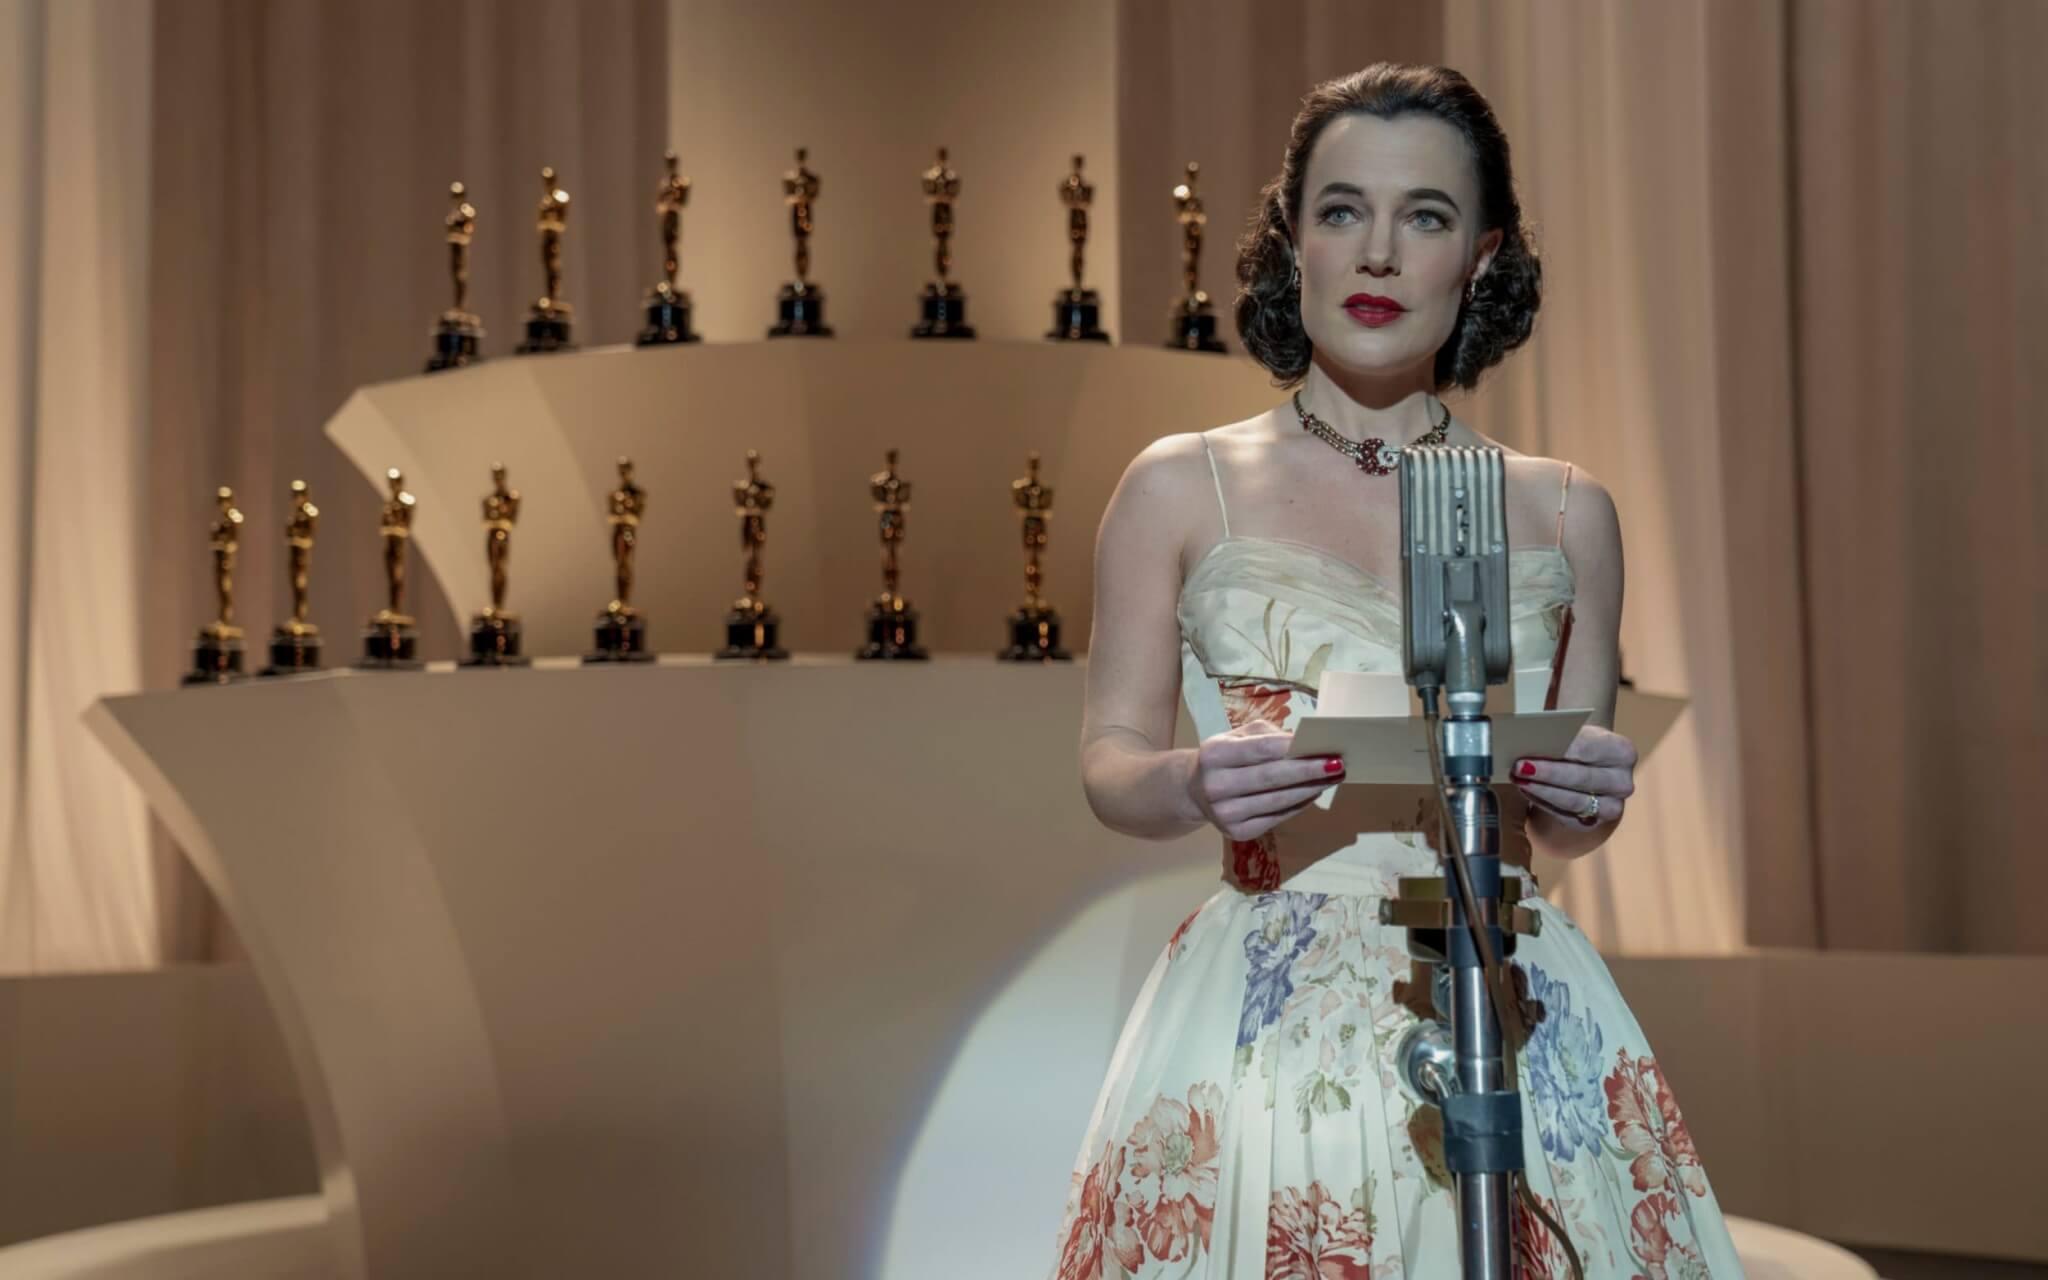 奧斯卡頒獎一刻,頒獎嘉賓身上那一襲花卉圖案晚裝,頗有Oscar de la Renta的味道。